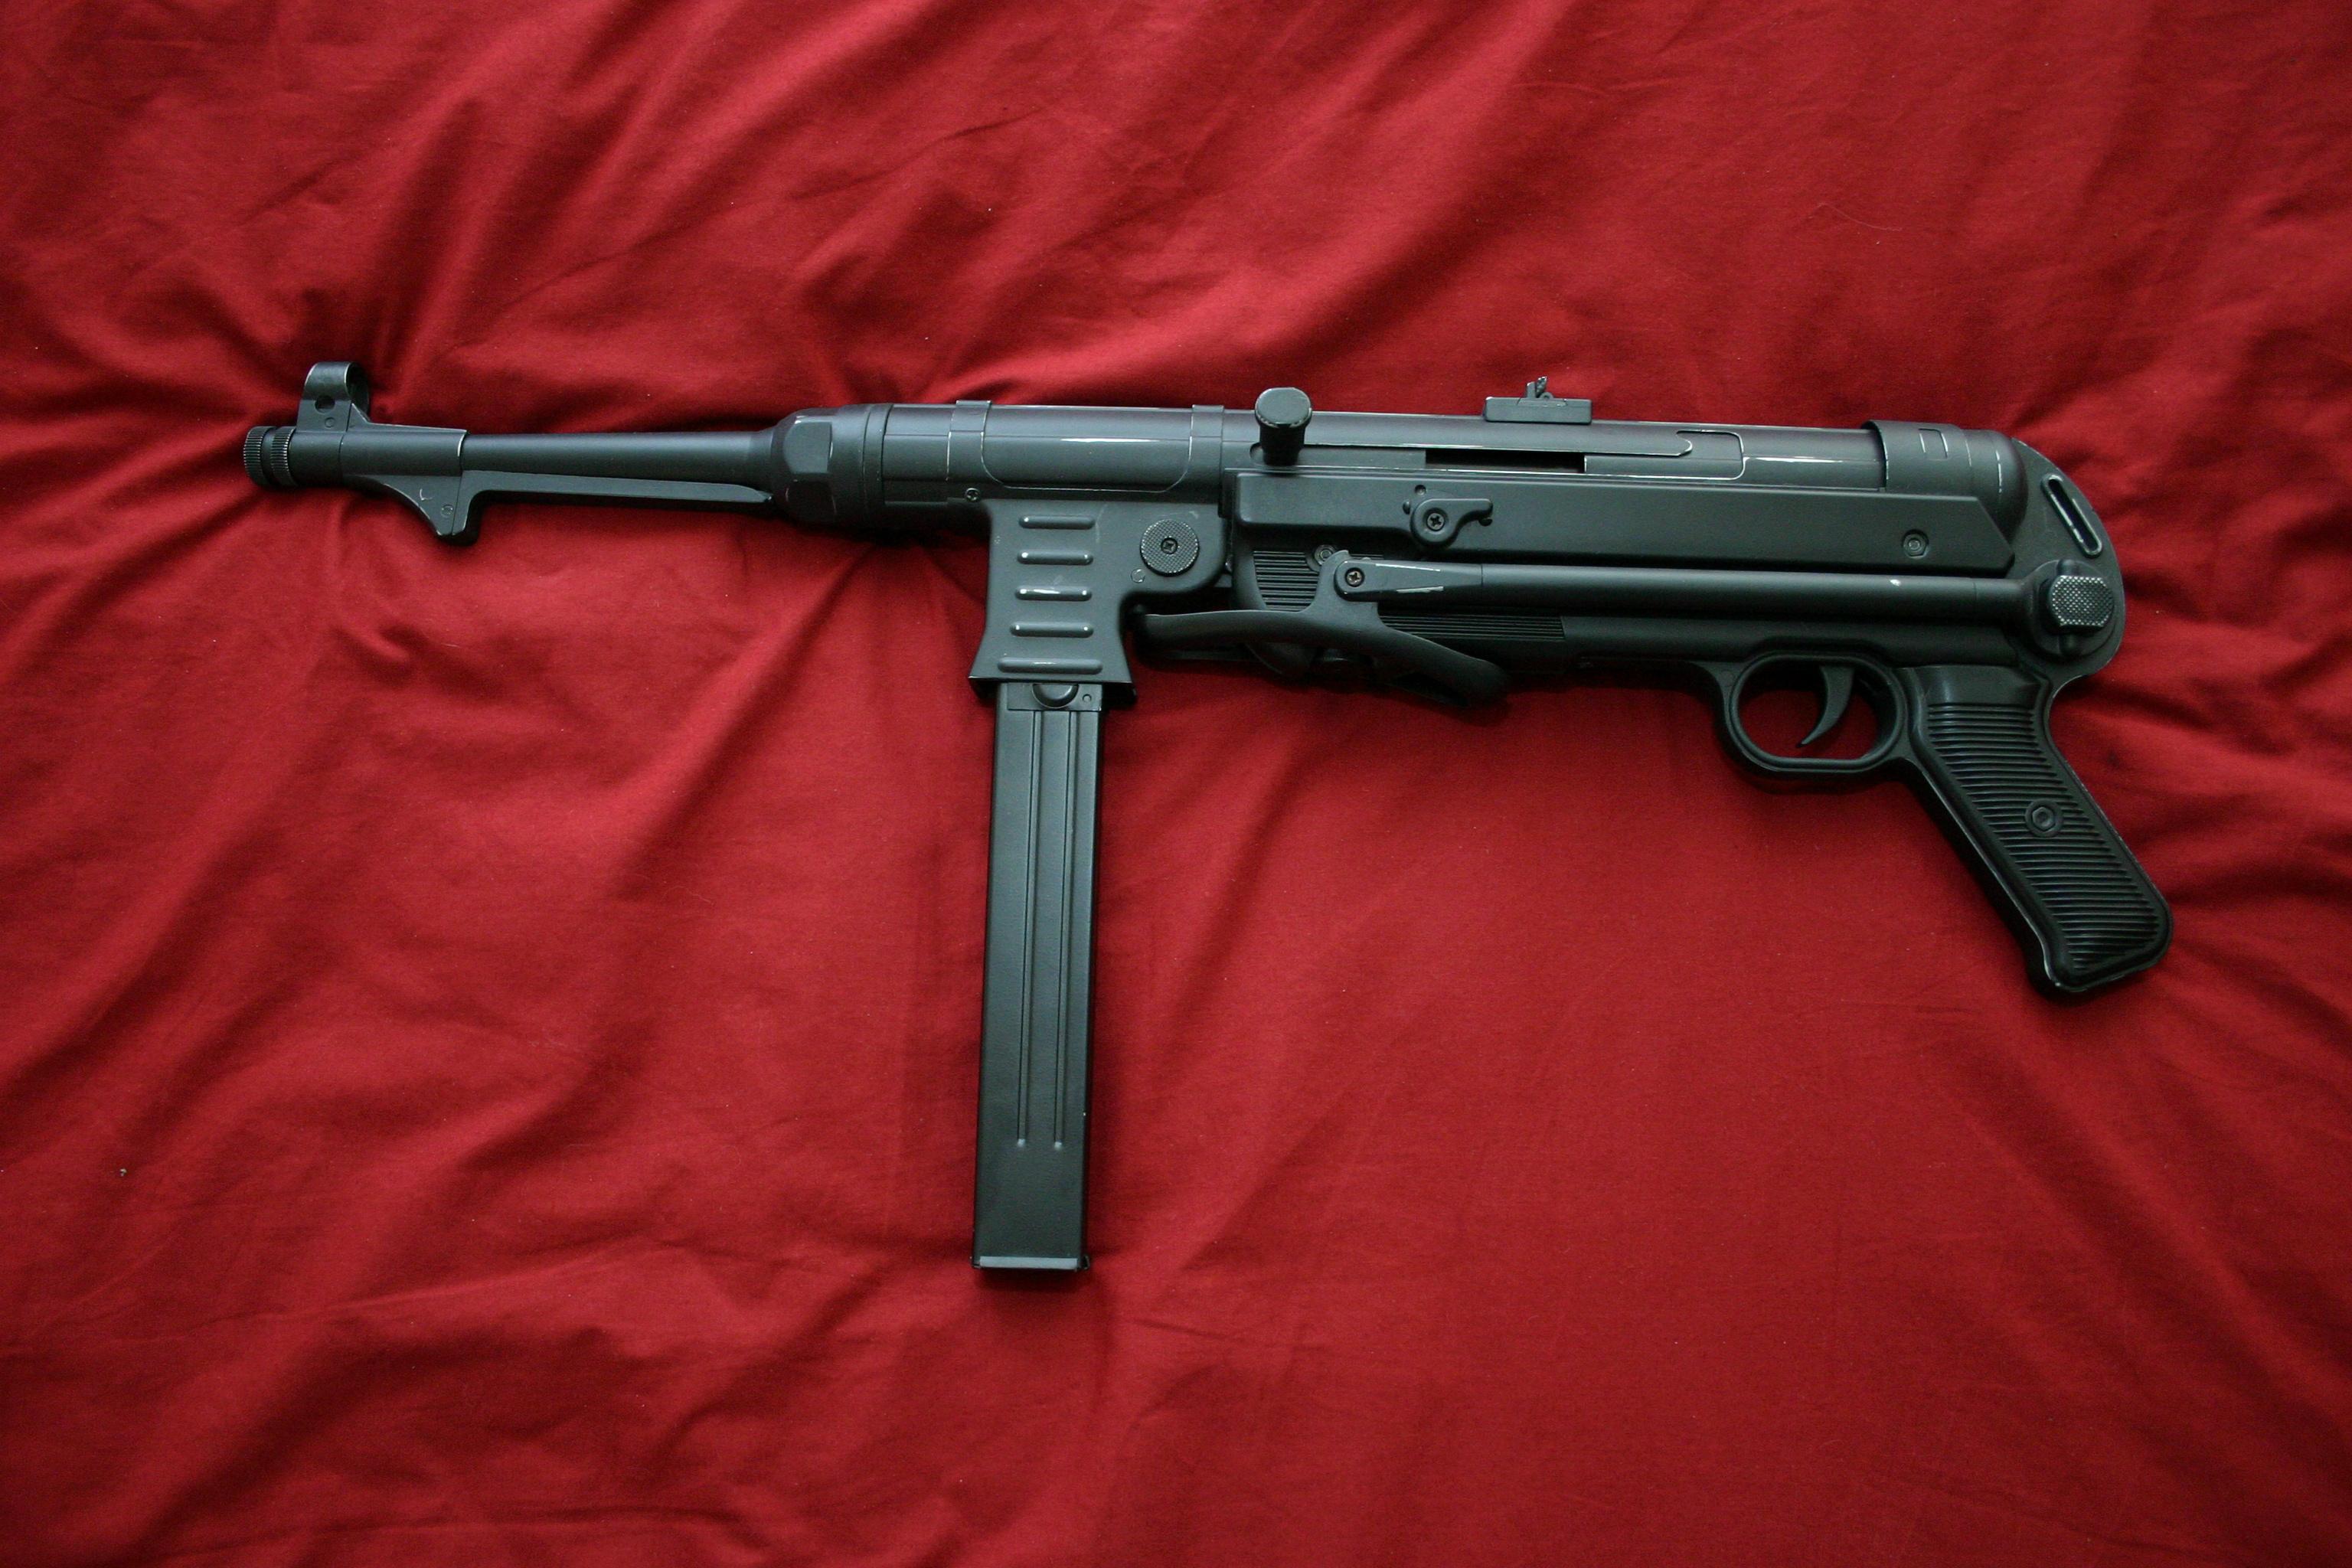 Картинка: Красный, ткань, оружие, MP-40, автомат, Шмайсер